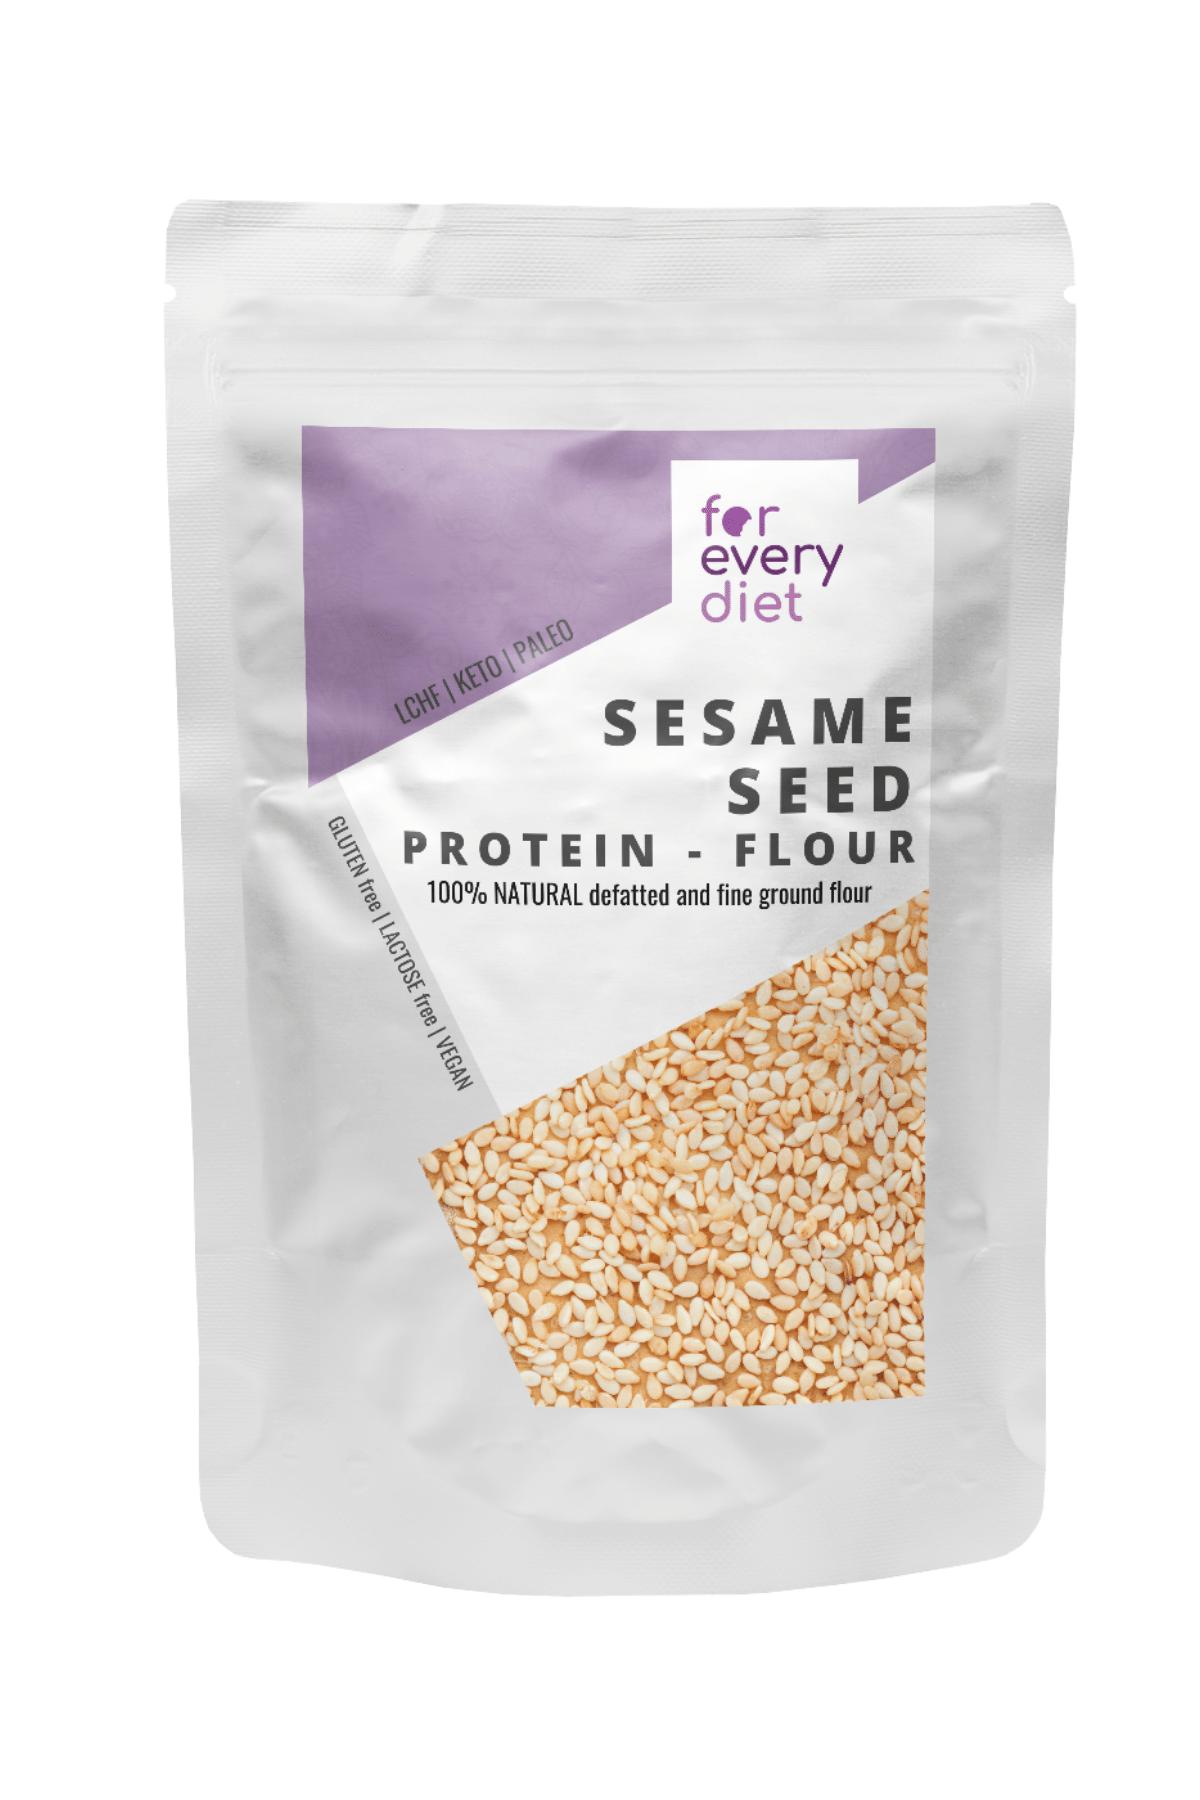 sesame seed protein flour